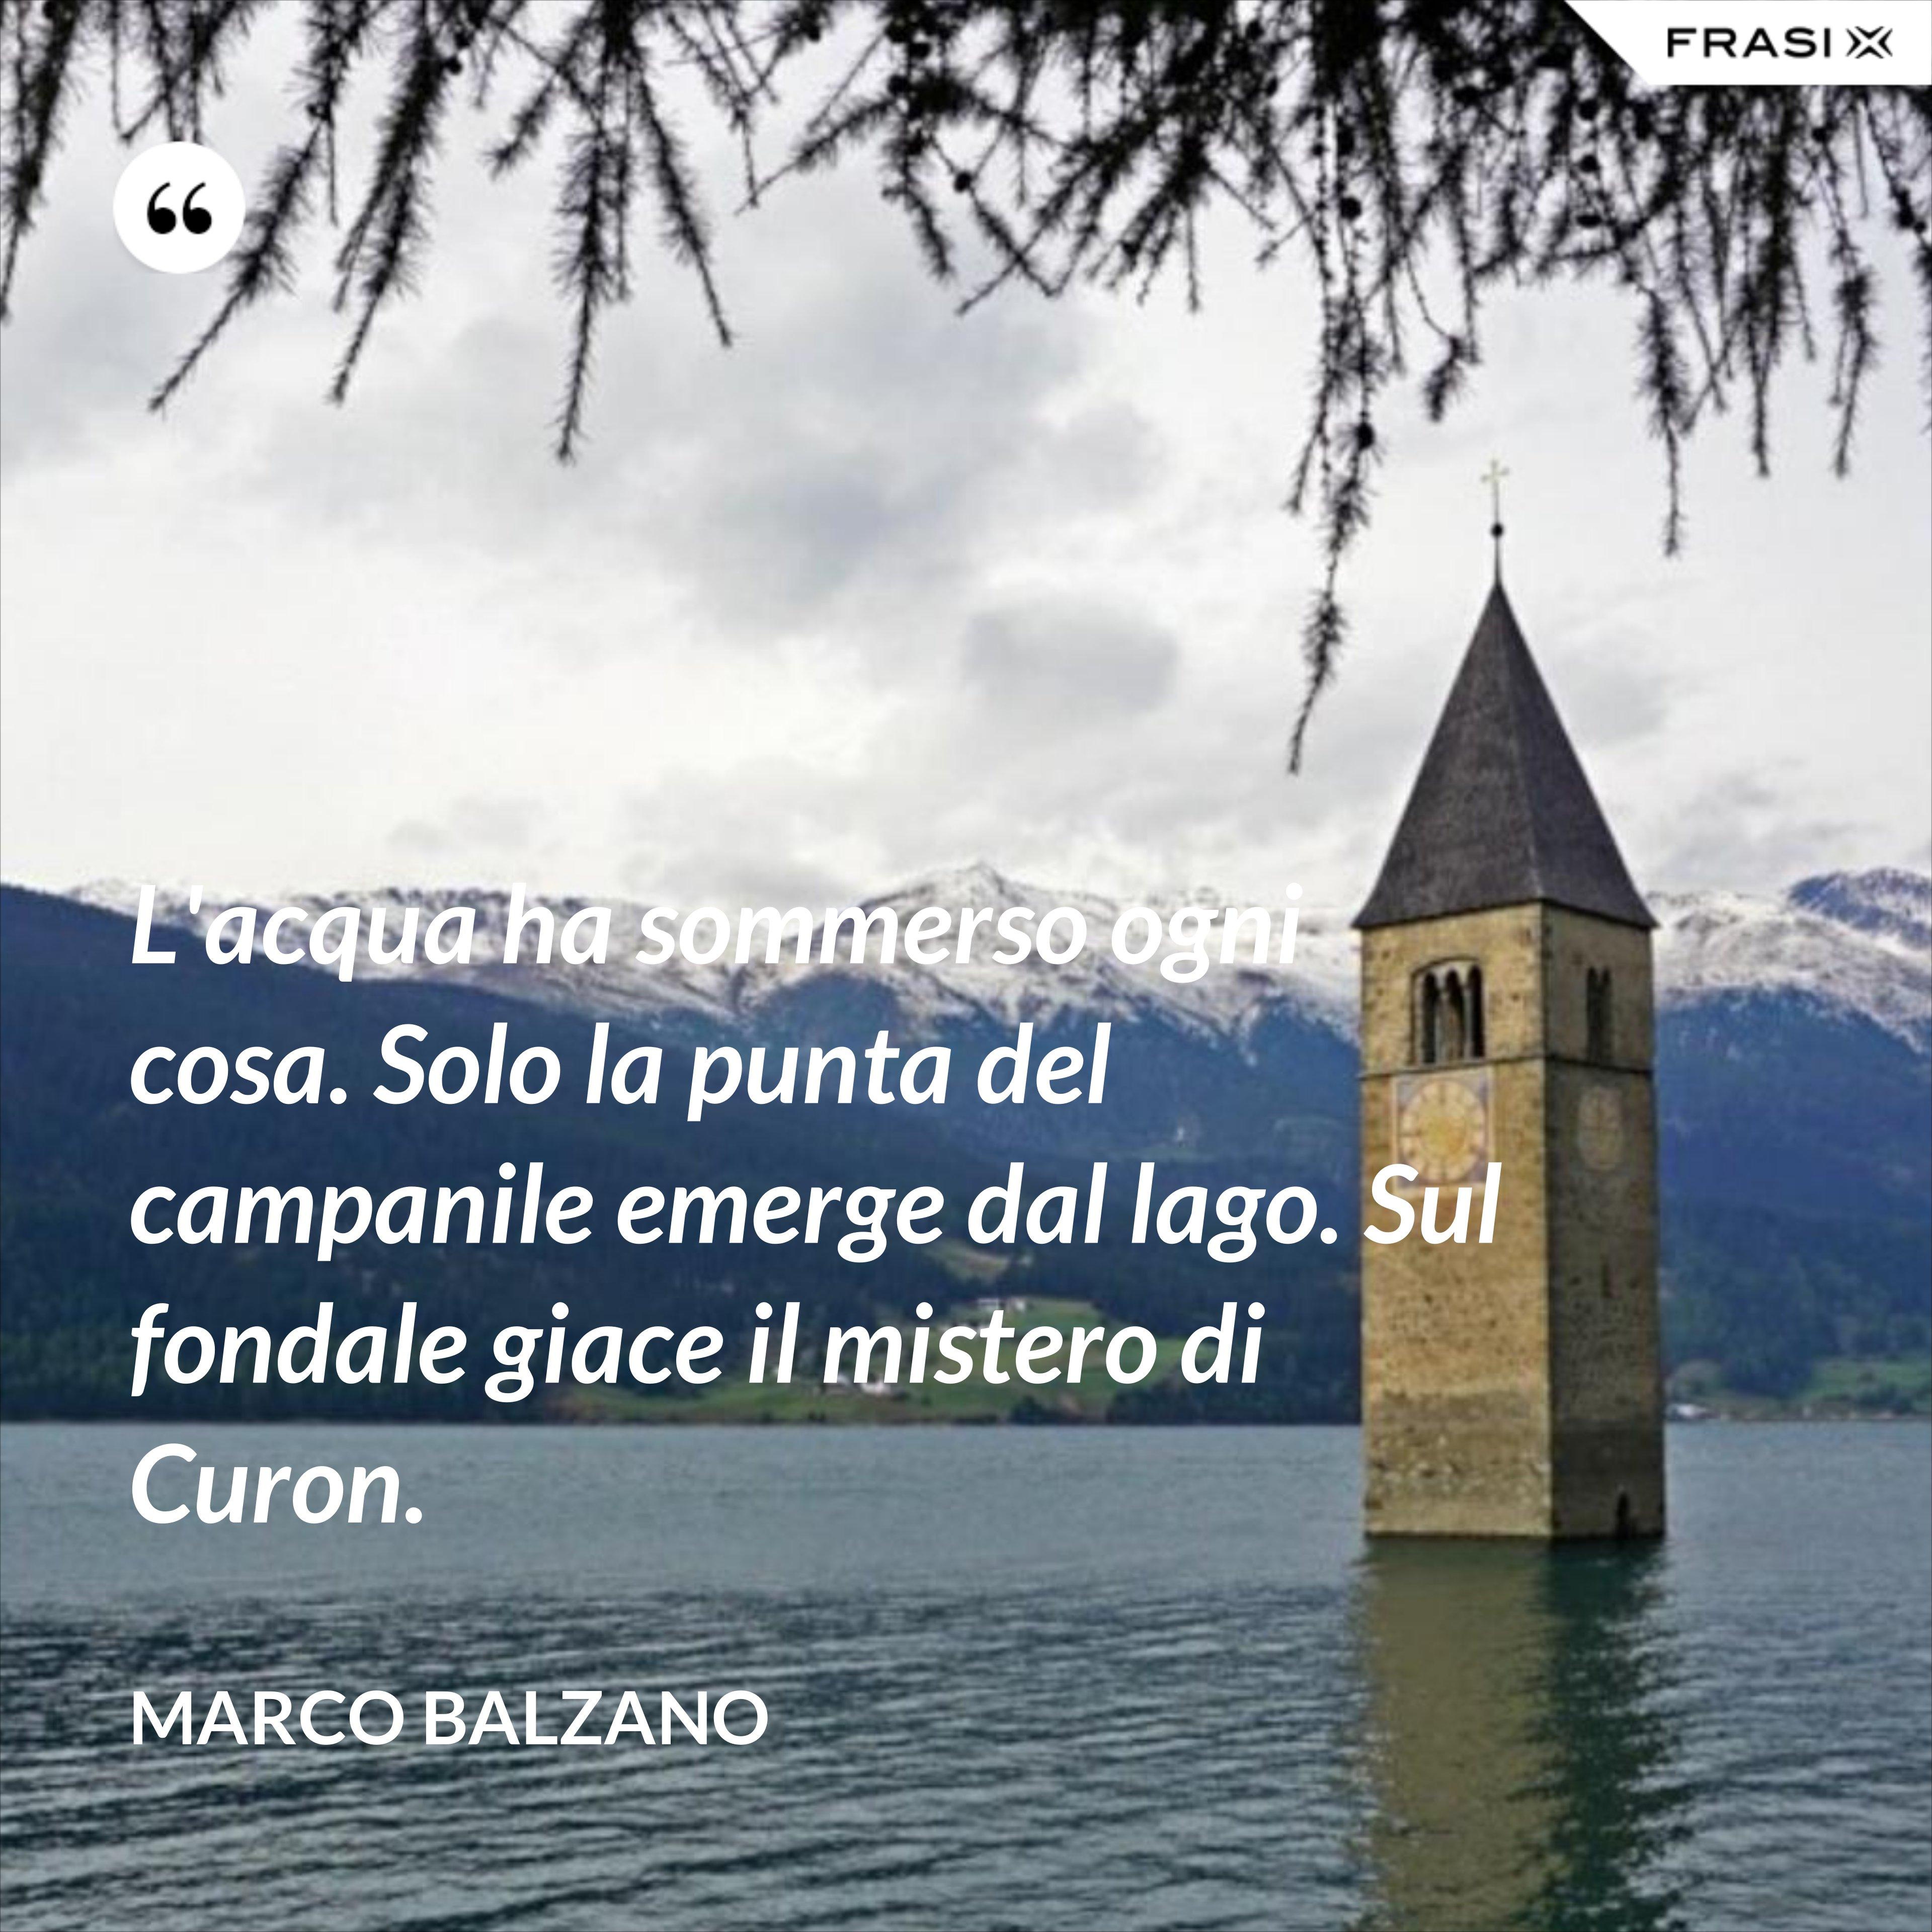 L'acqua ha sommerso ogni cosa. Solo la punta del campanile emerge dal lago. Sul fondale giace il mistero di Curon. - Marco Balzano